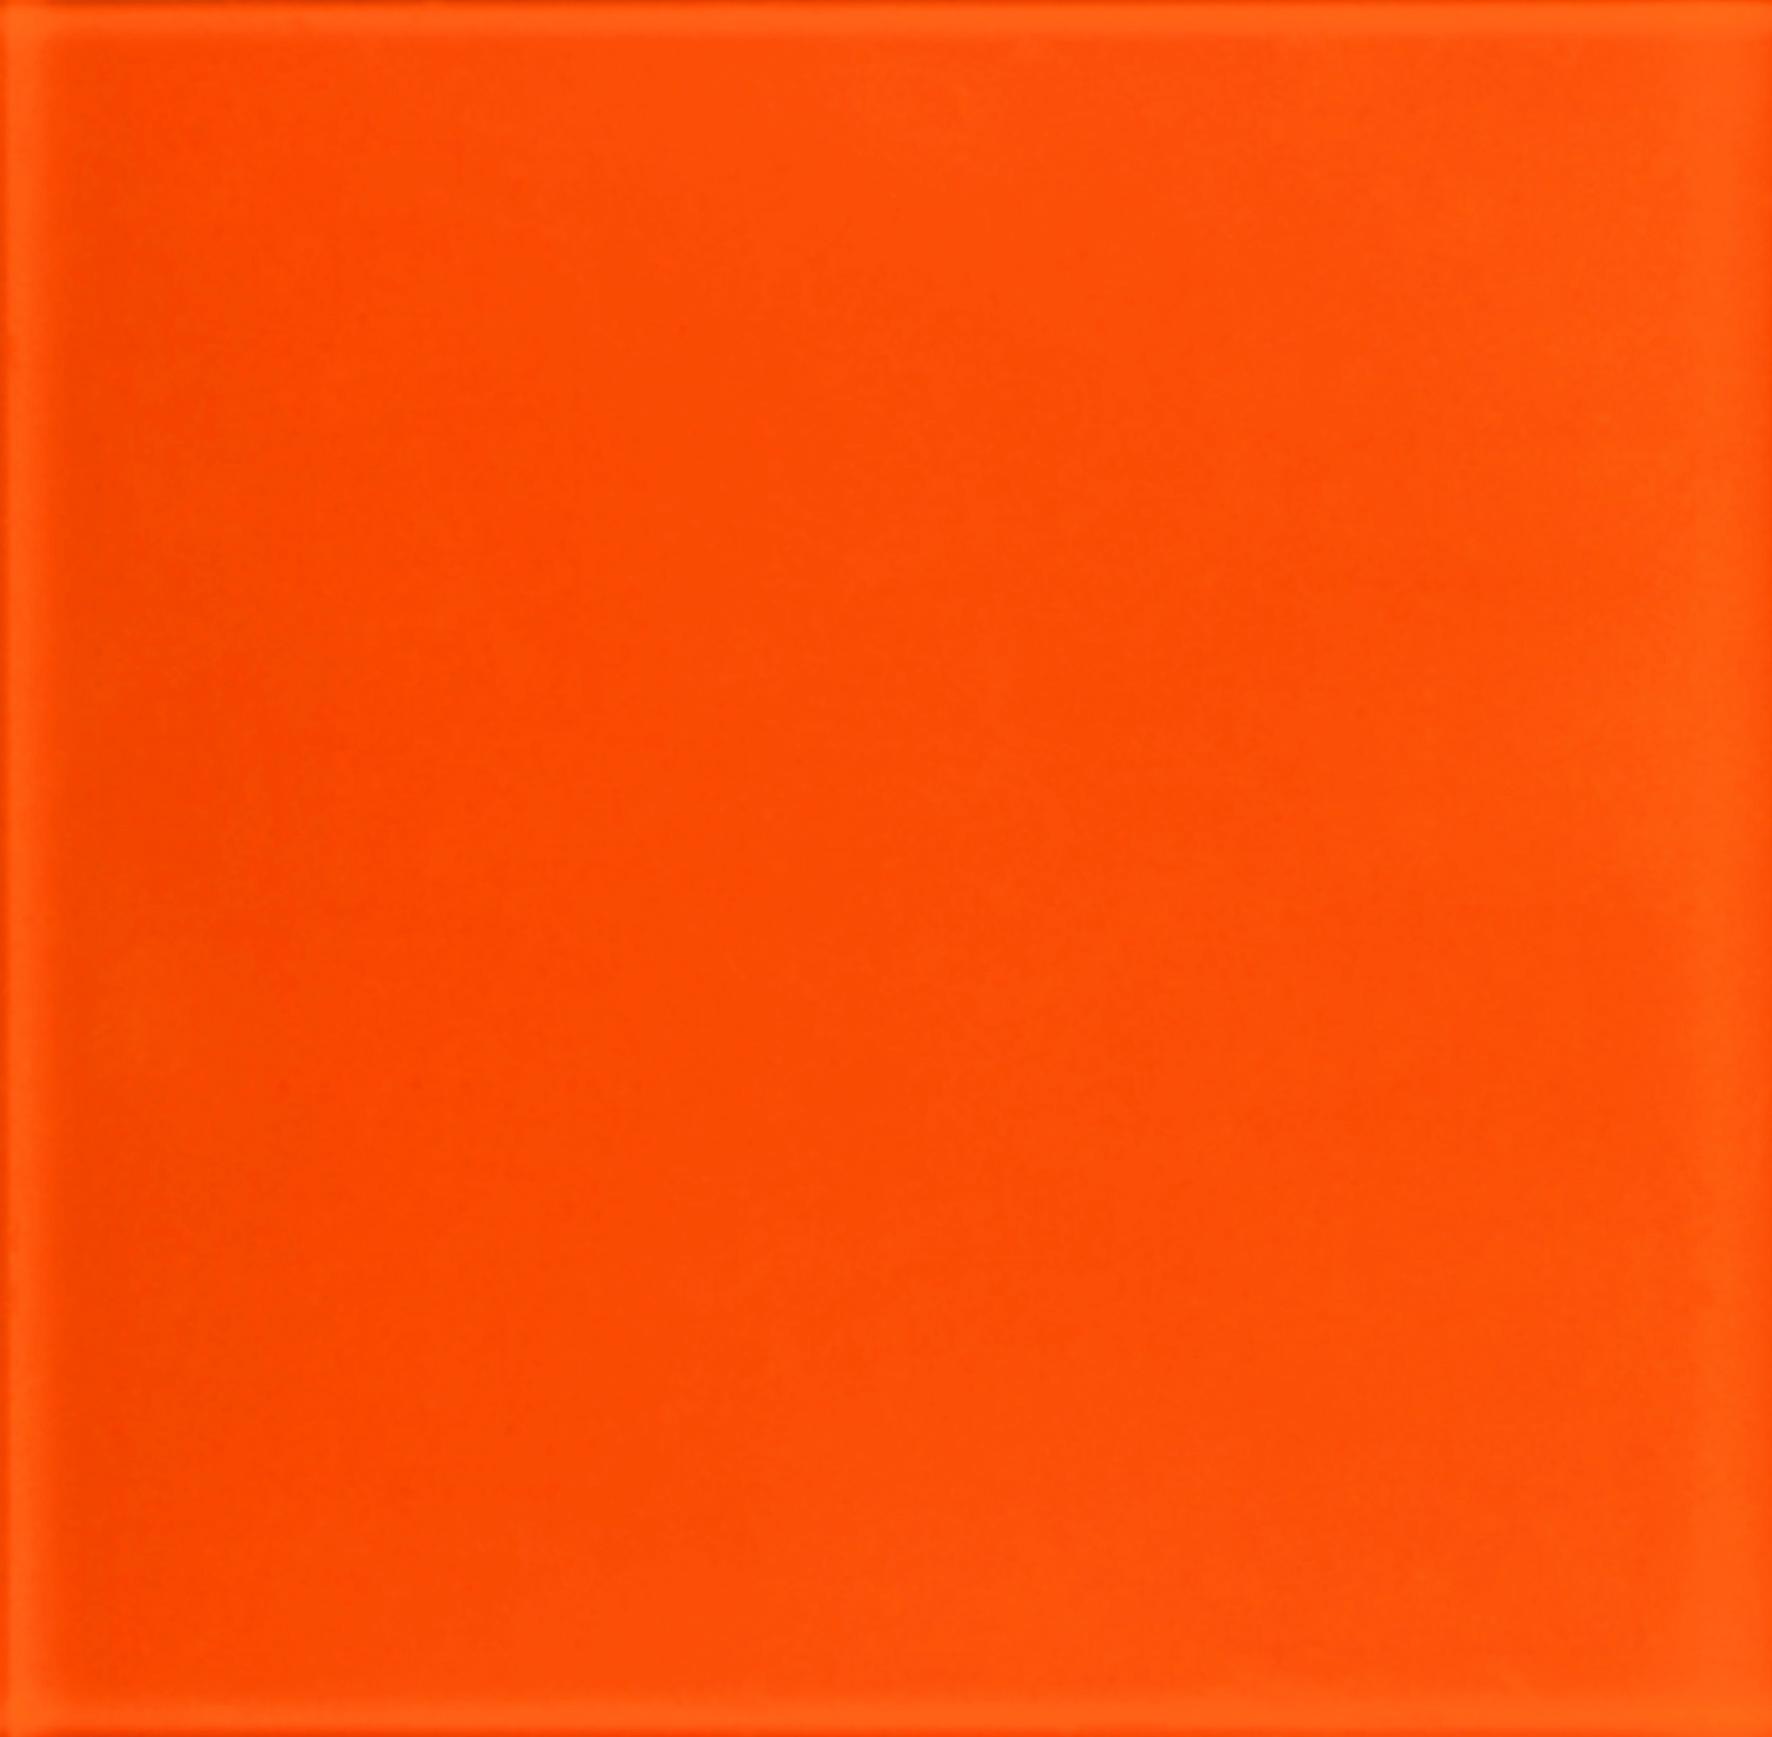 Tangerine Chelsea Artisans